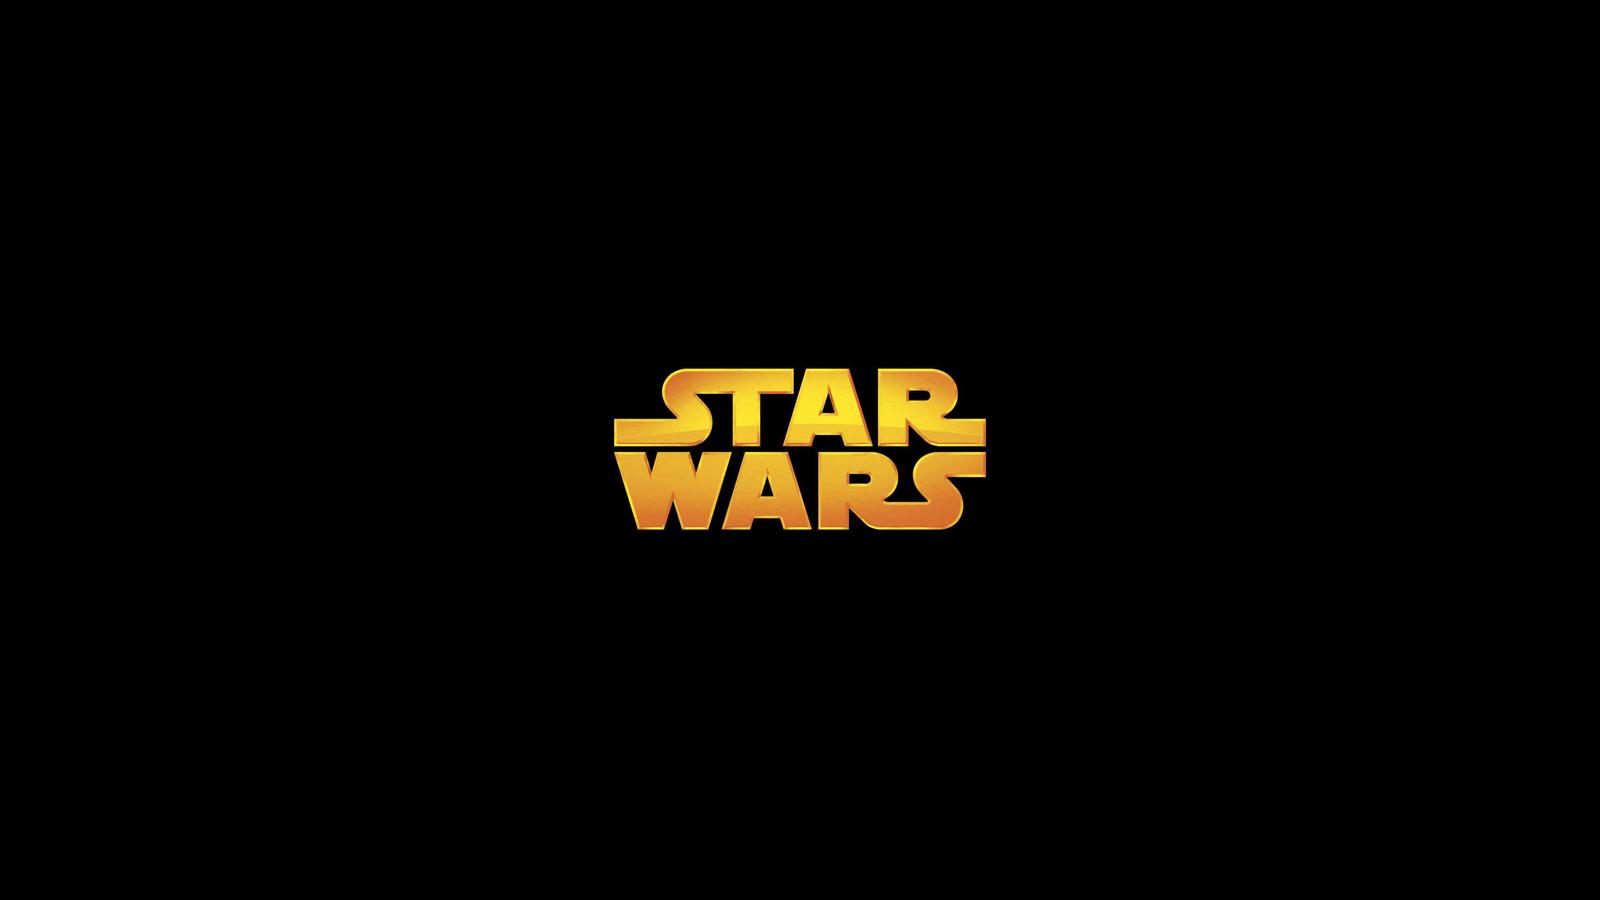 Star Wars Logo Wallpaper - WallpaperSafari